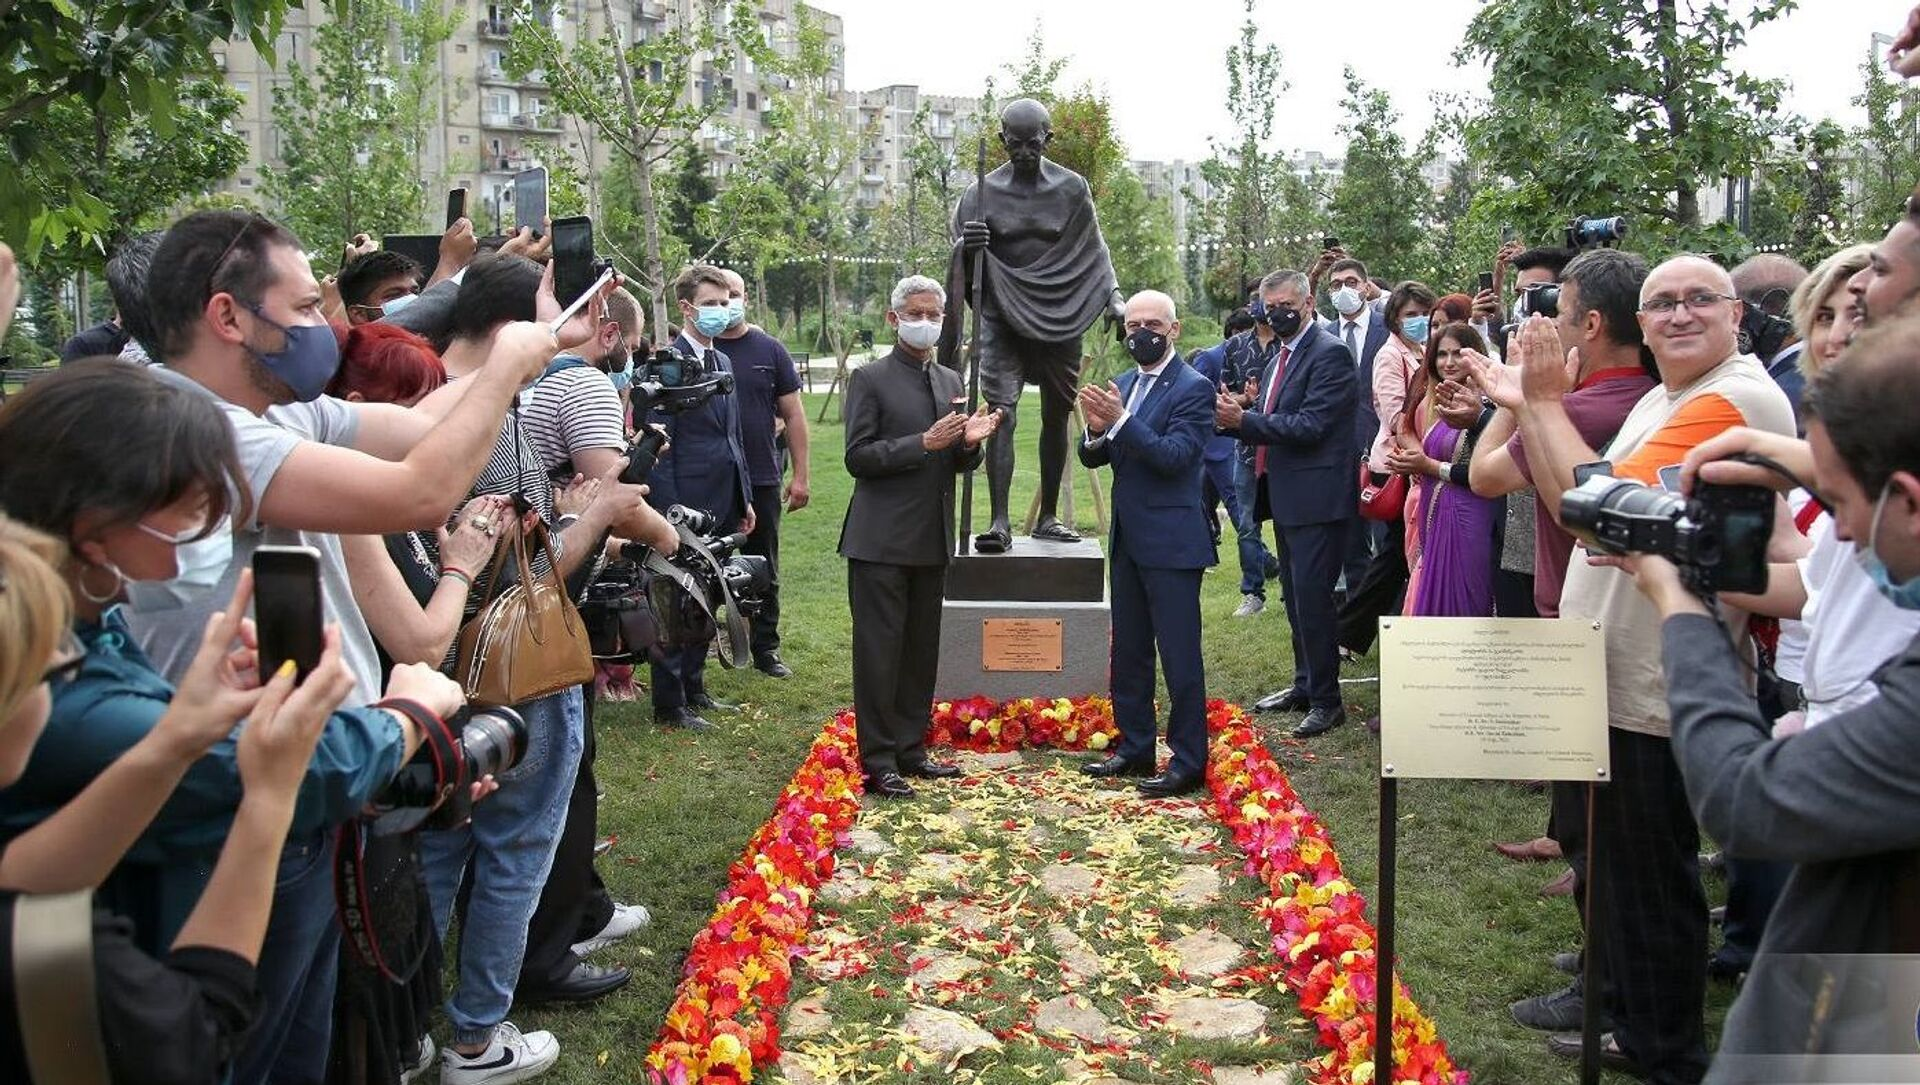 Открытие памятника Махатмы Ганди в Тбилиси - Sputnik Грузия, 1920, 04.08.2021